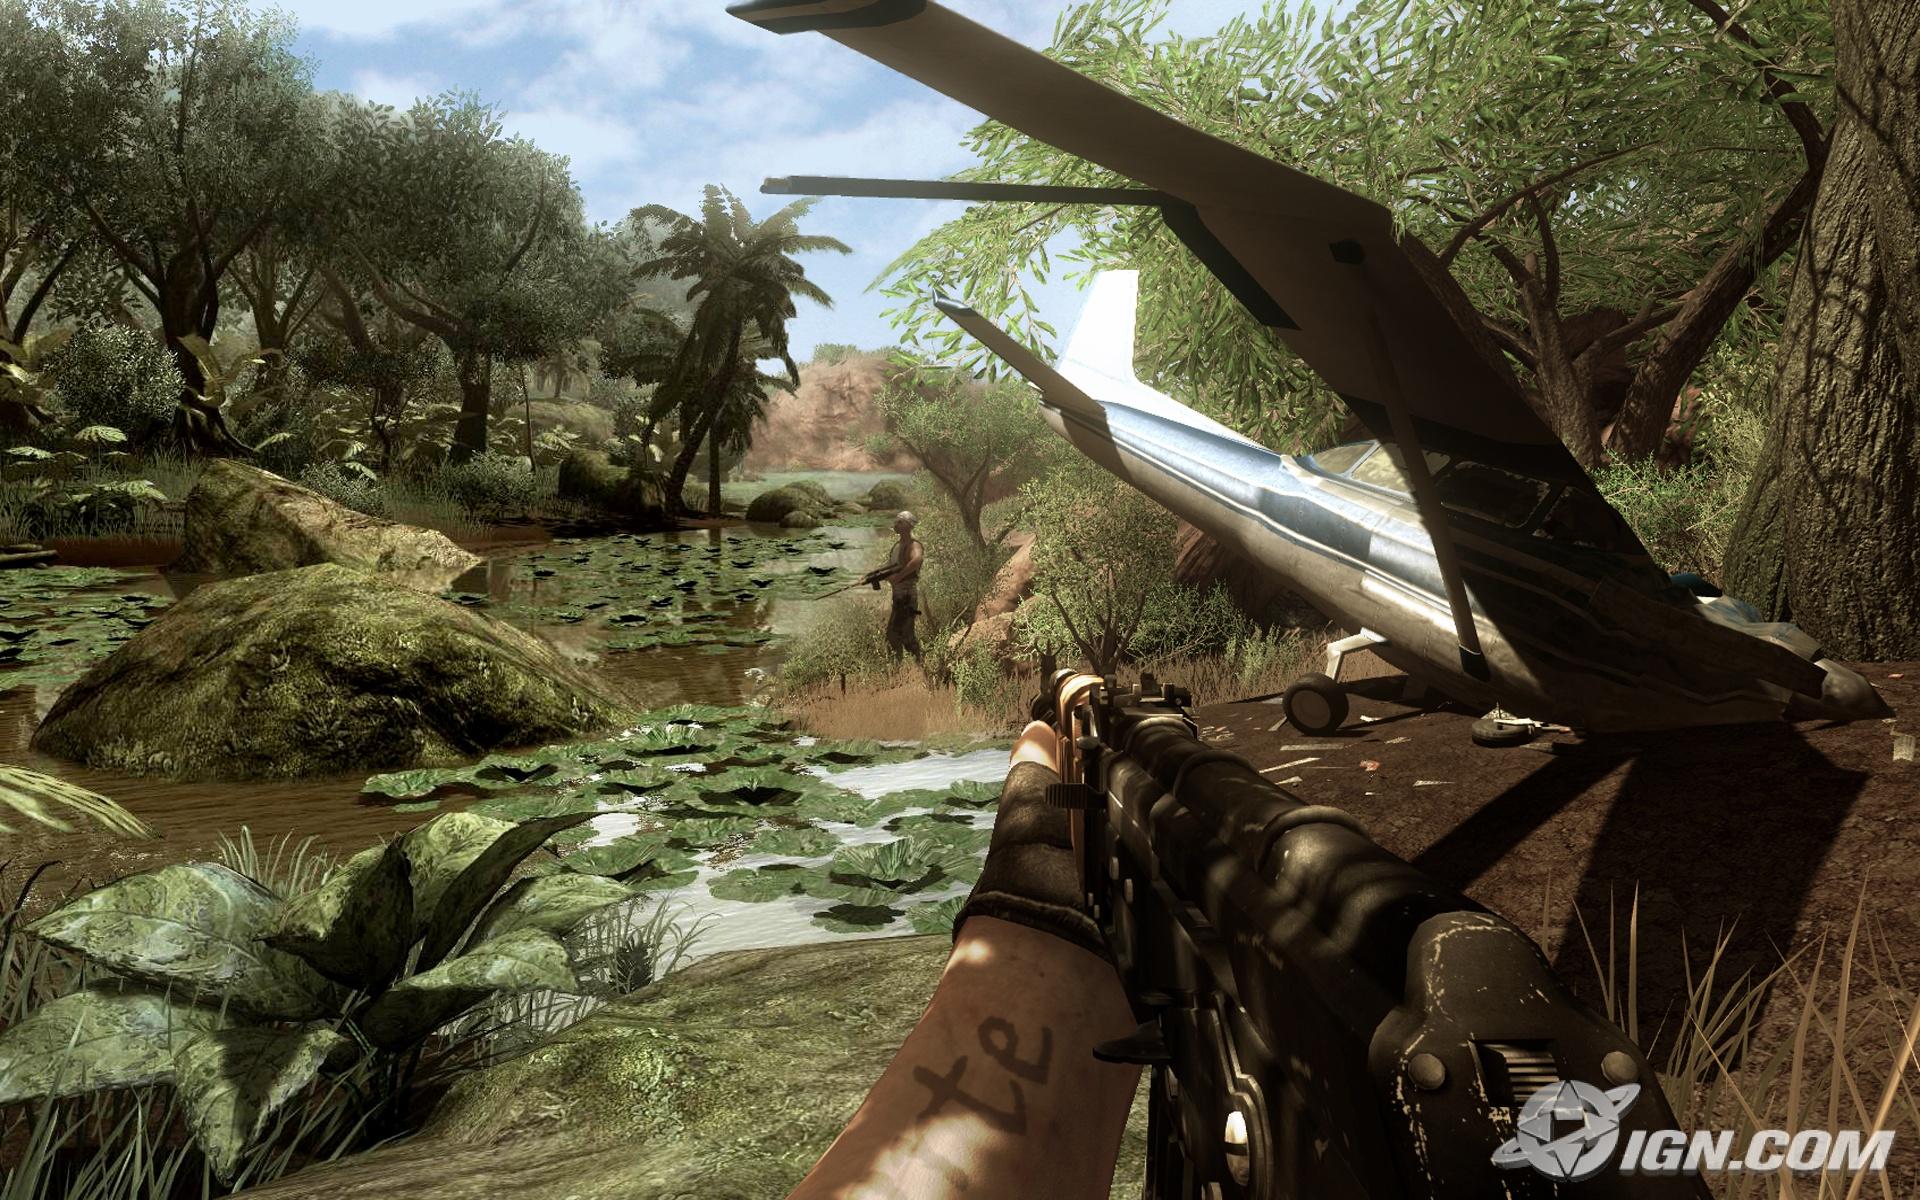 Far cry 2 in 1 2017 2017rusengrepack farcry 1 2